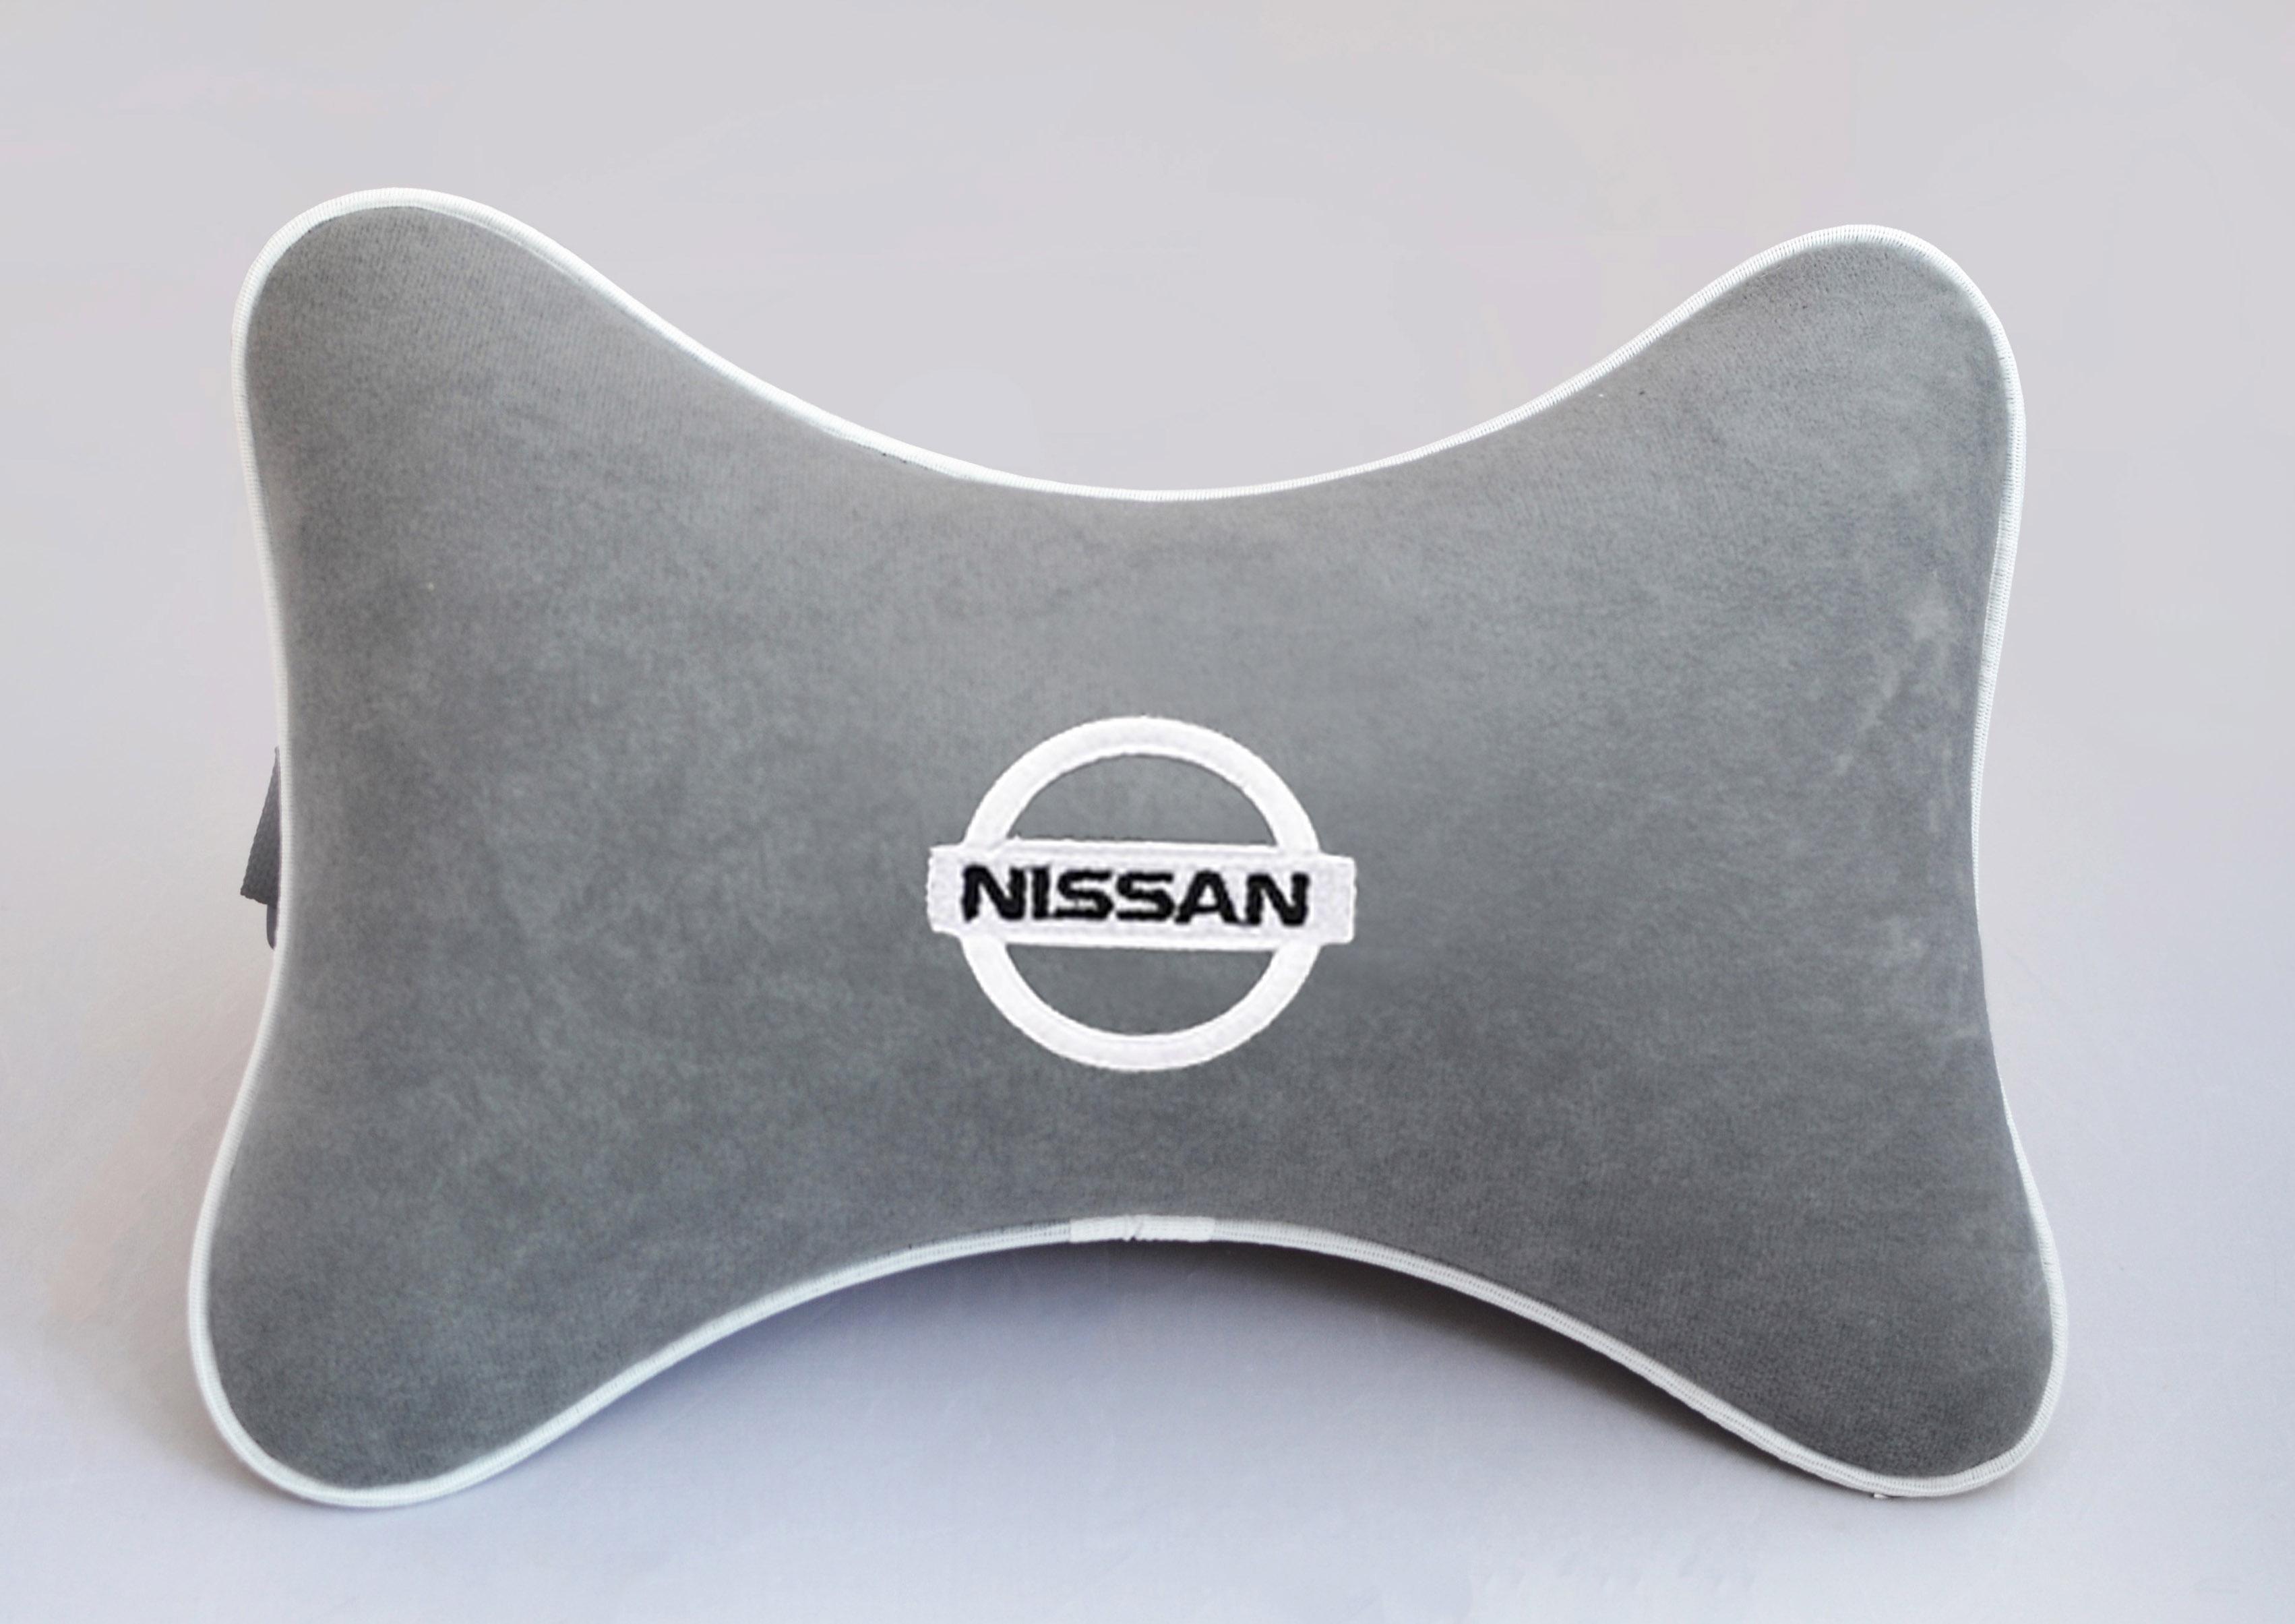 Подушка на подголовник из серого велюра NISSAN